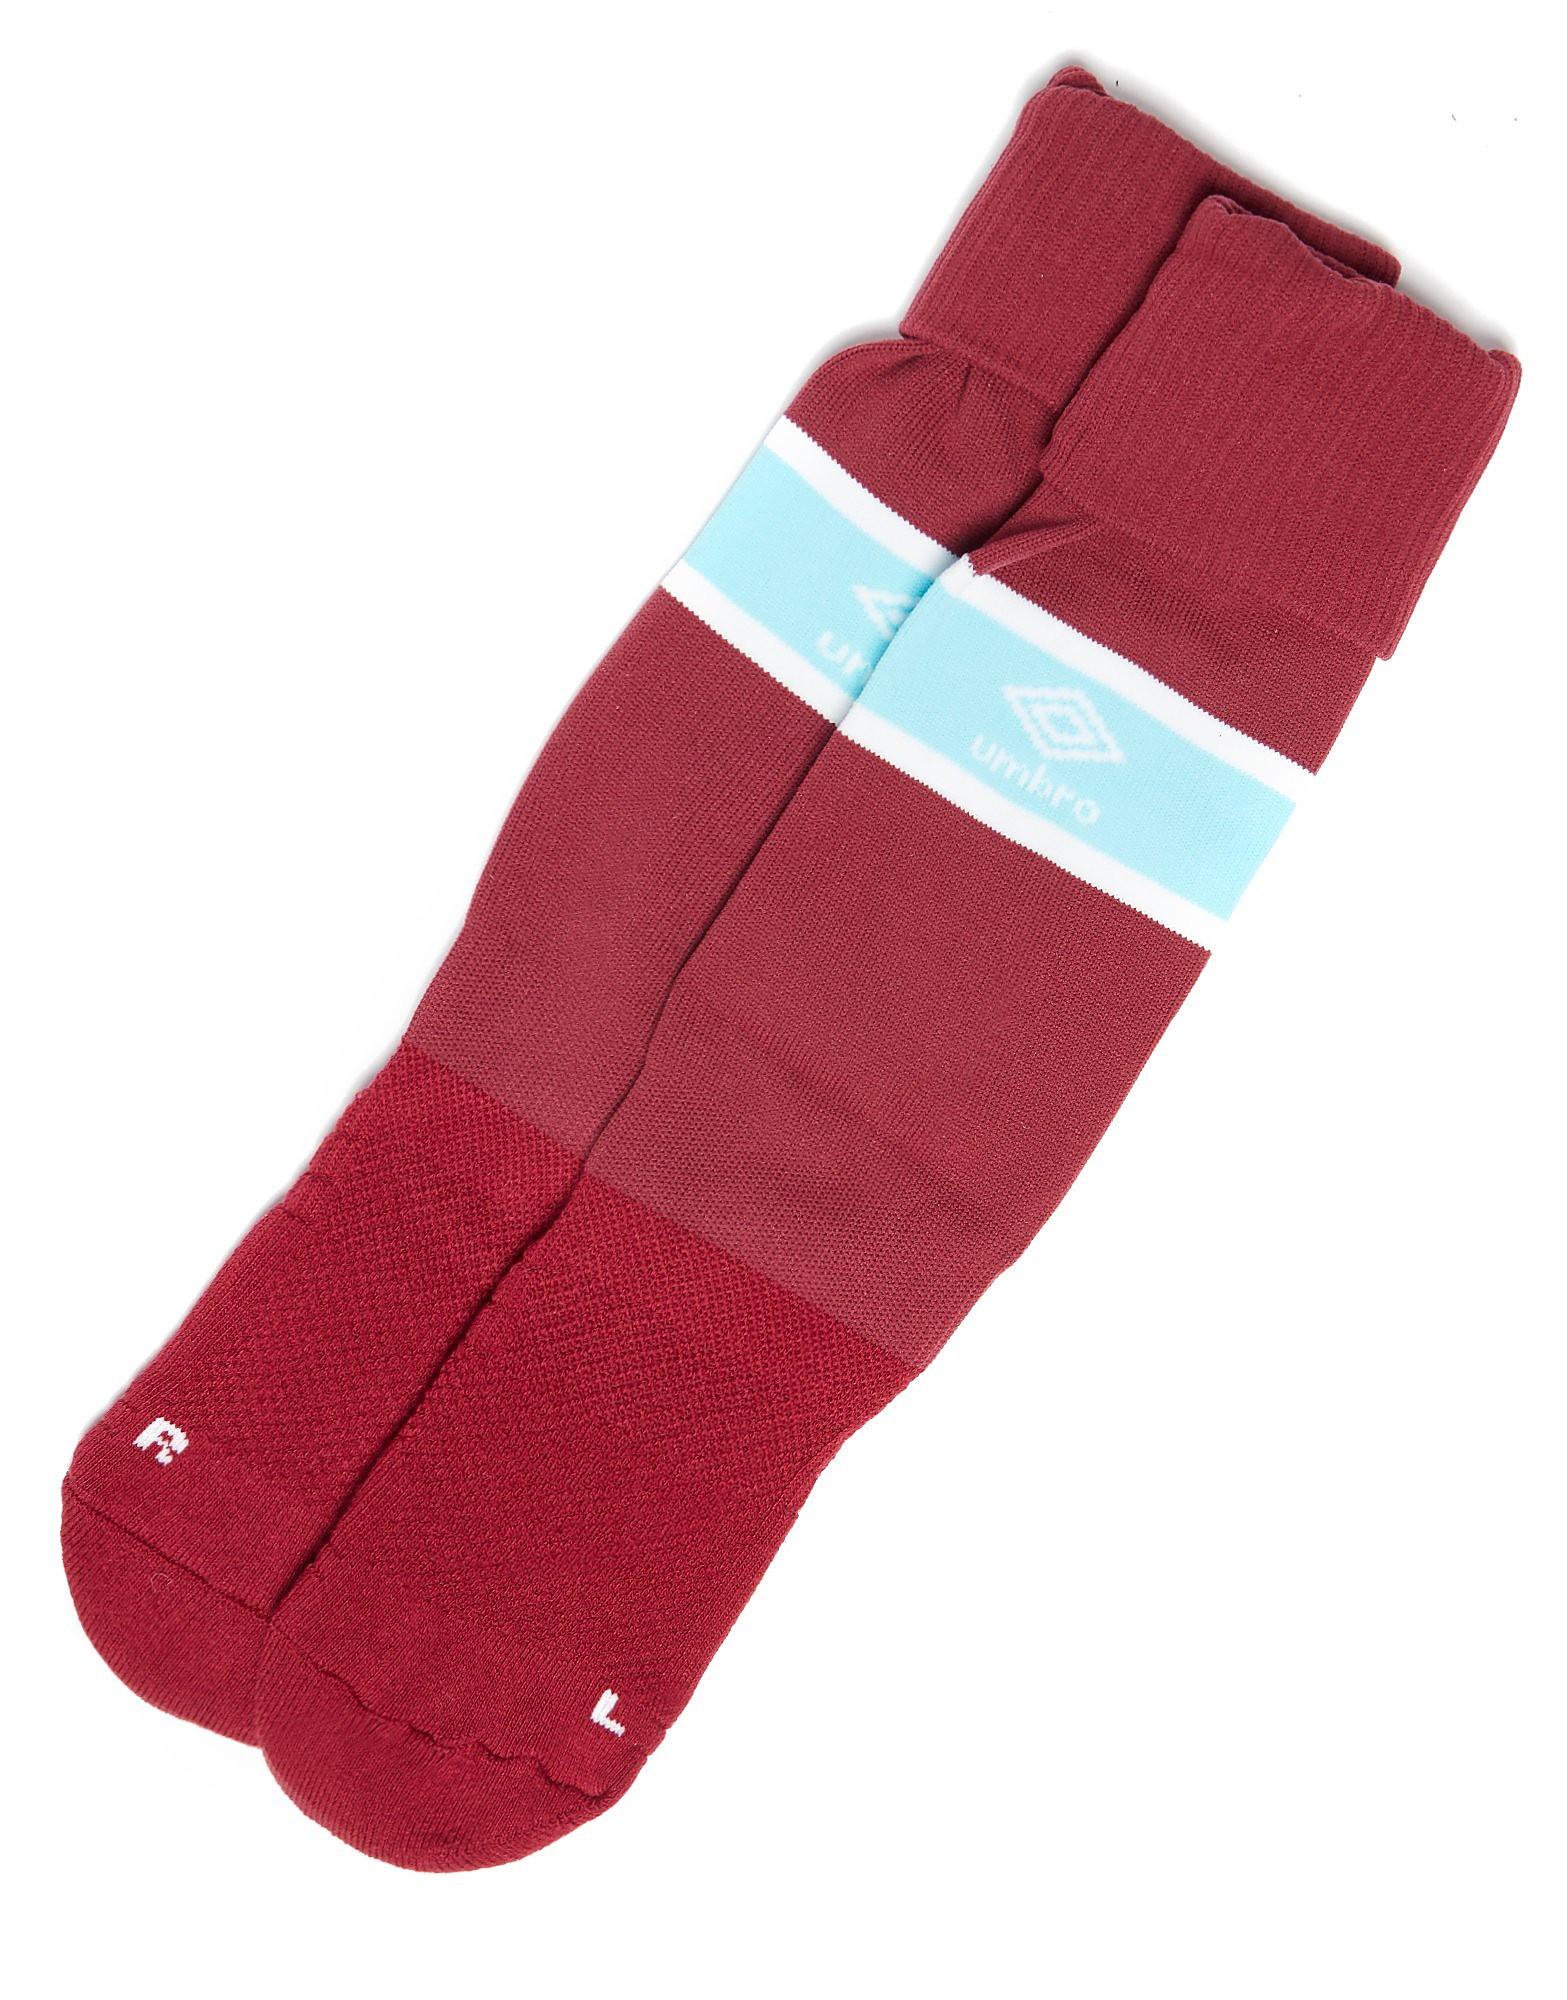 Umbro West Ham United 2016/17 Home Socks